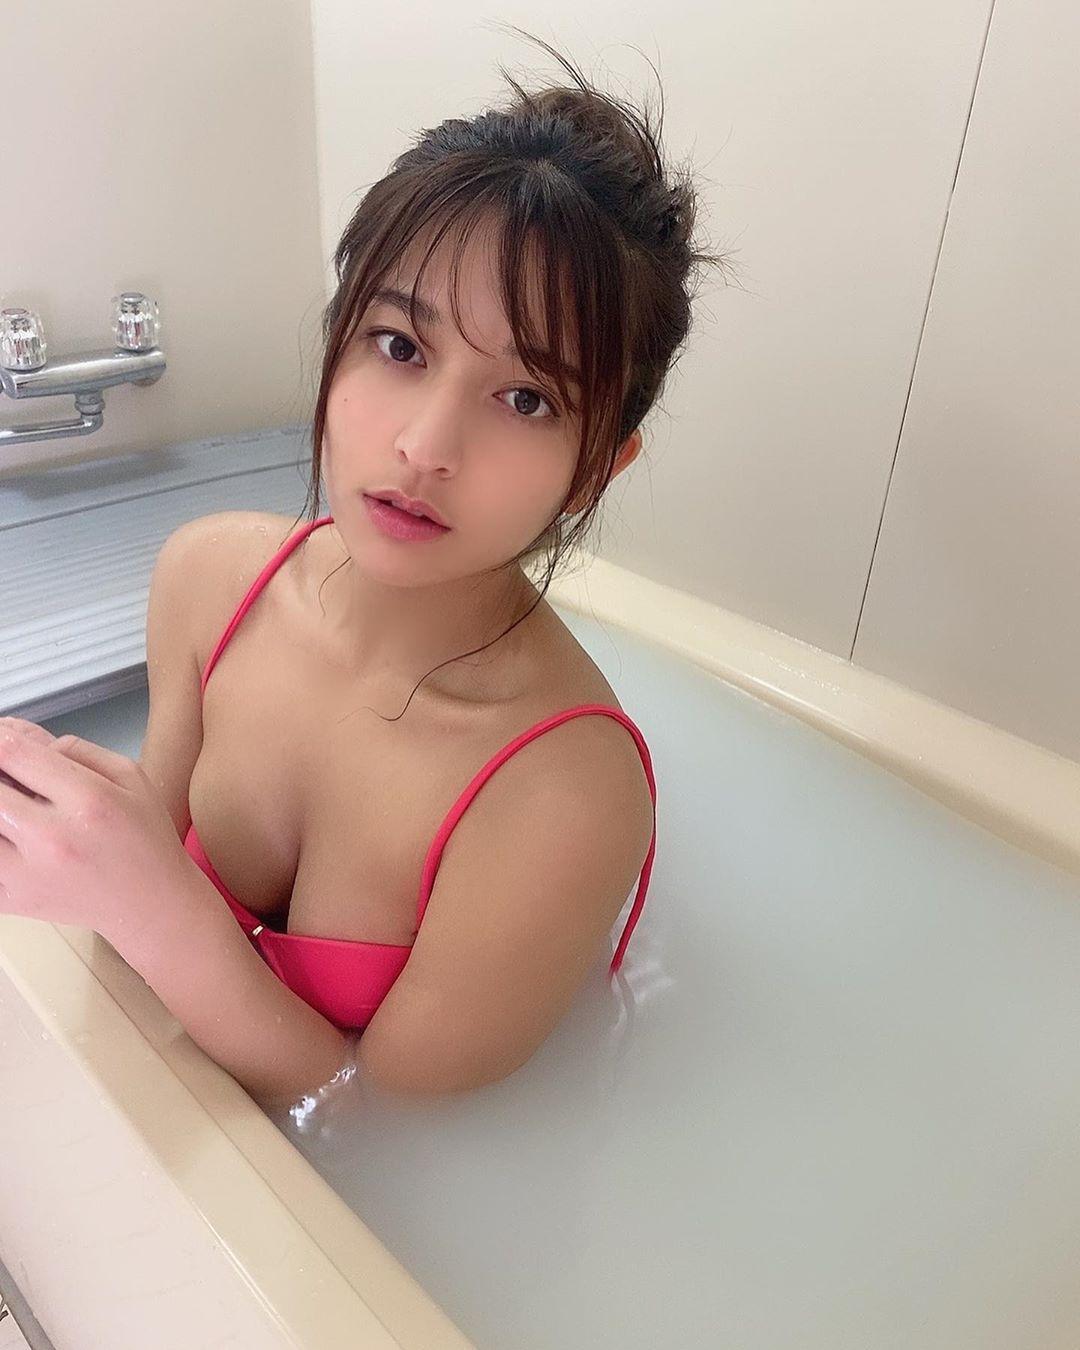 Kana Tokue 徳江かな— [網紅]